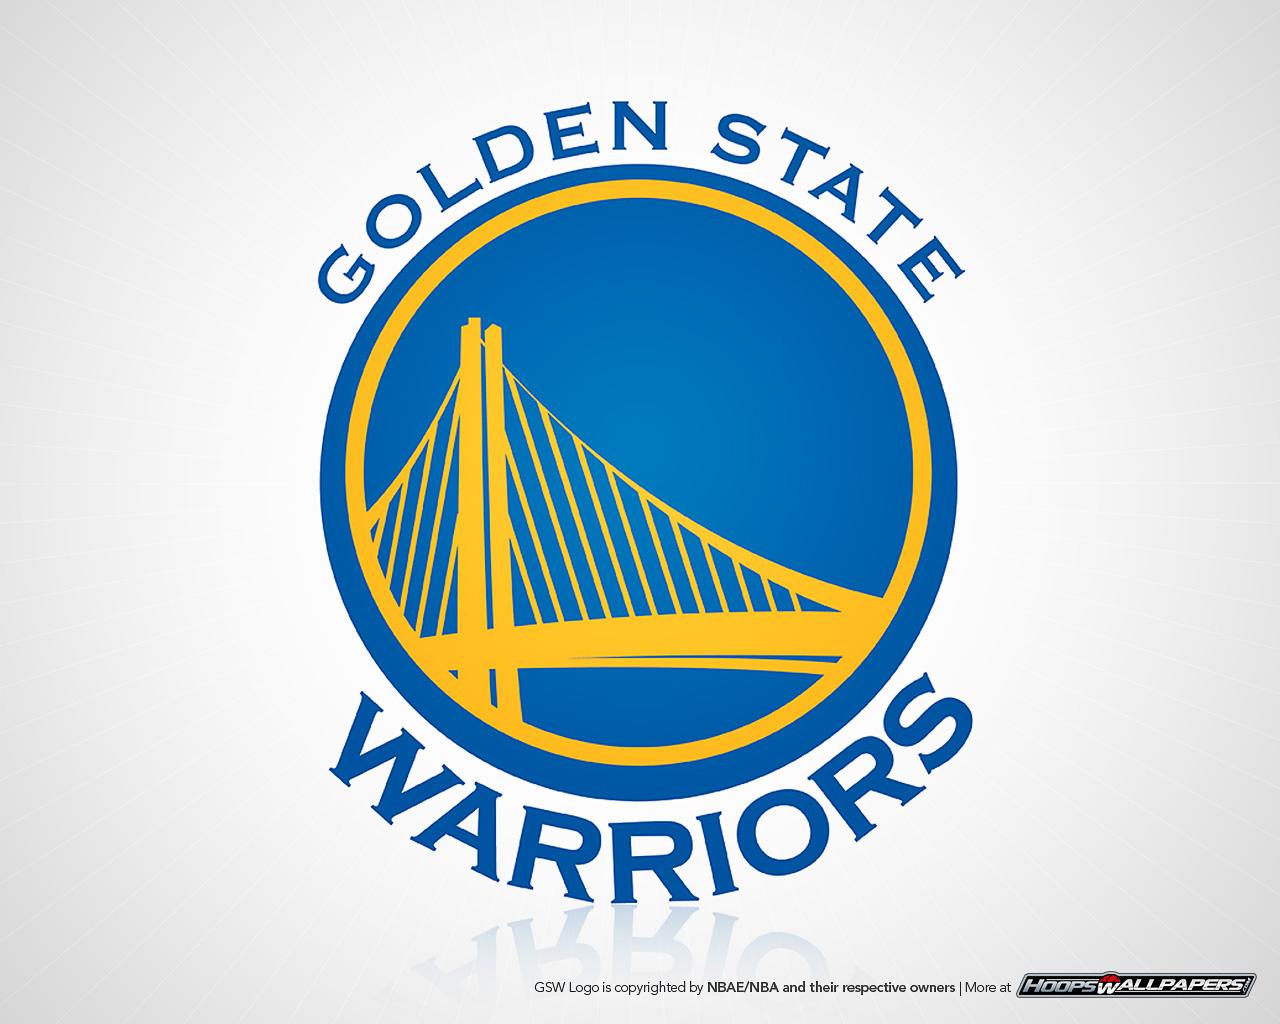 Golden State Warriors Wallpaper Wallpapersskin